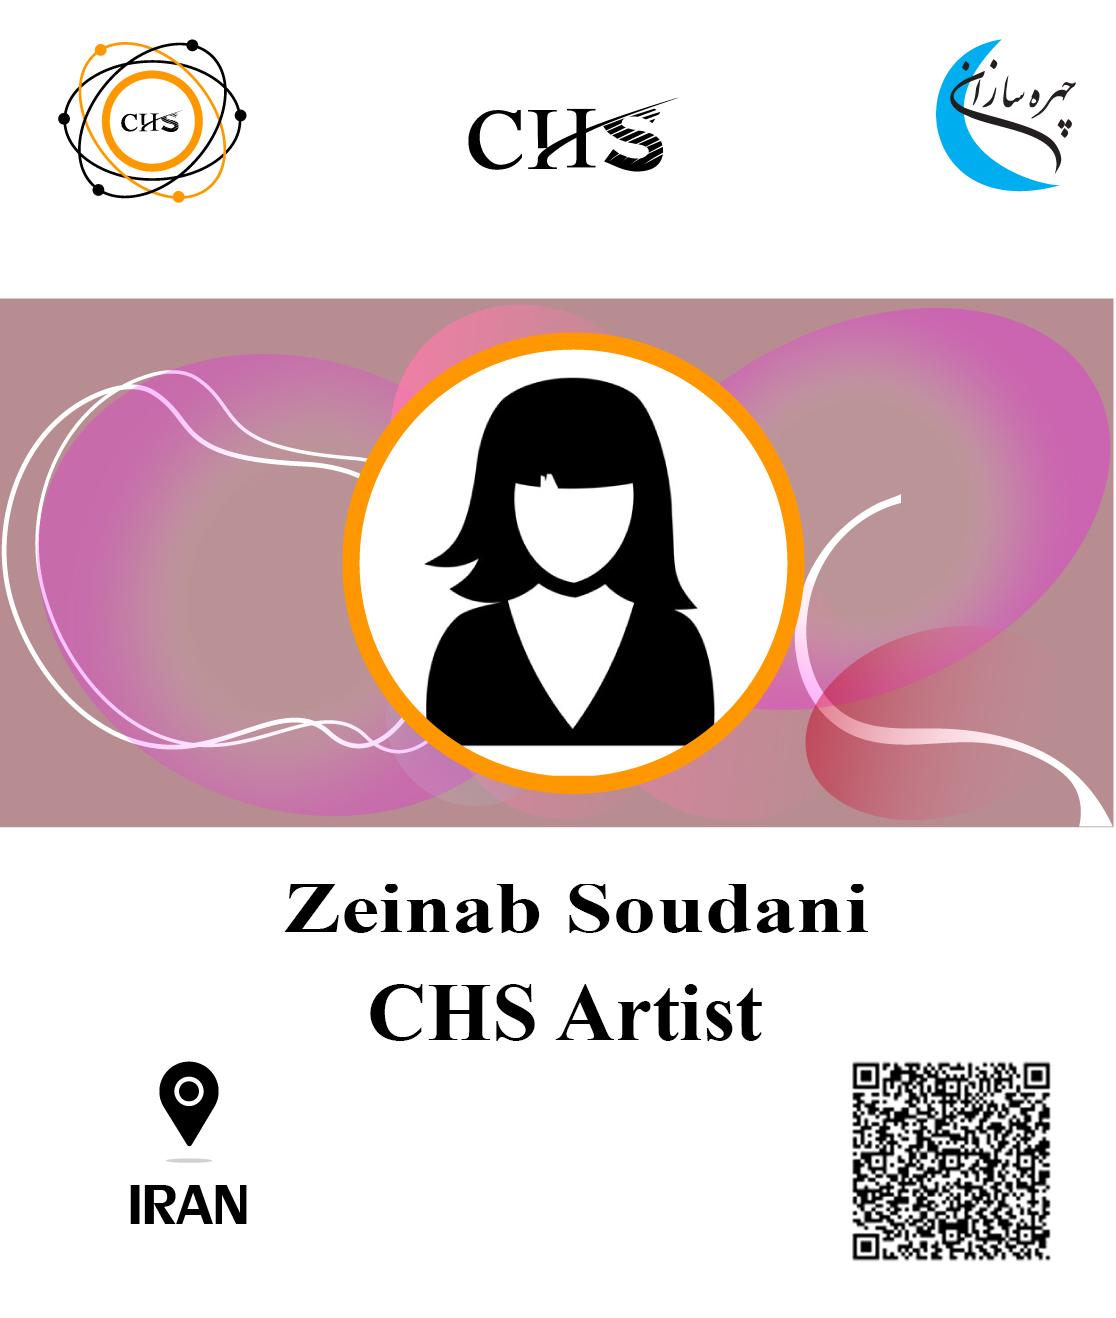 Zeinab Soudani, permanent makeup training certificate, permanent makeup, permanent makeup certificate, permanent makeup training, permanent makeup training Zeinab Soudani, permanent makeup certificate Zeinab Soudani